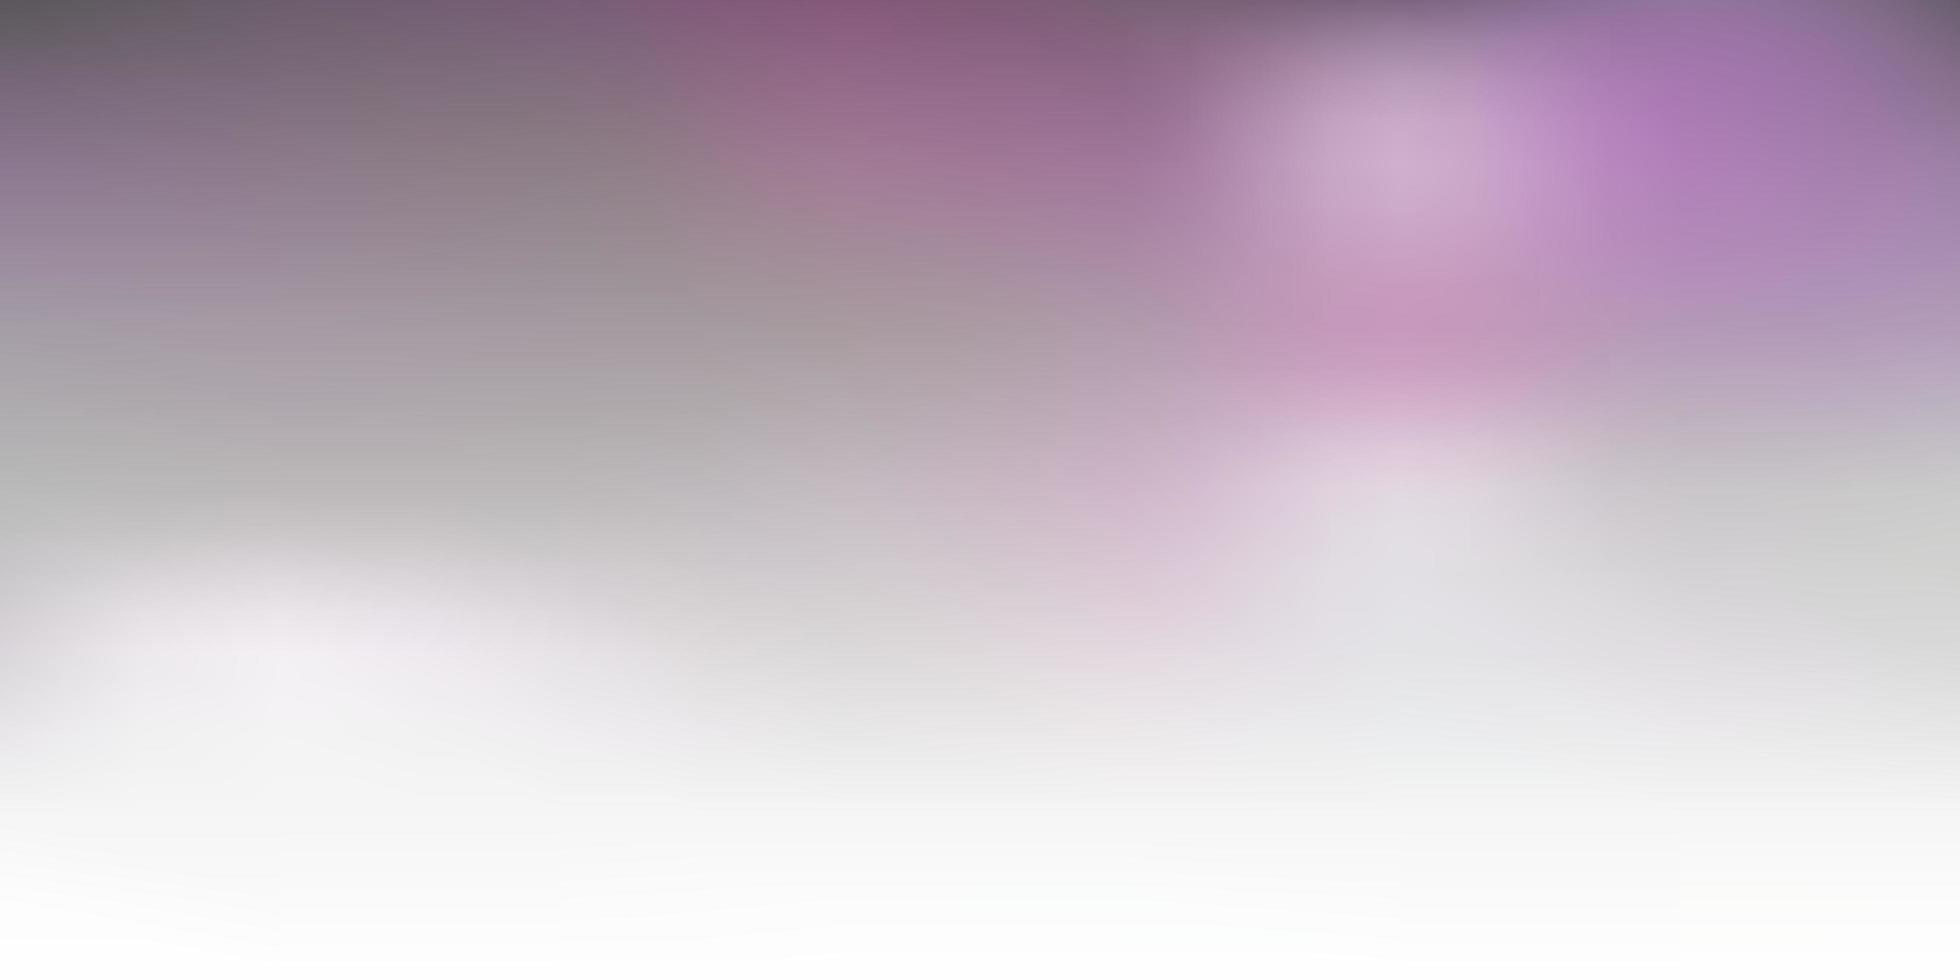 plantilla de desenfoque de vector rosa oscuro.